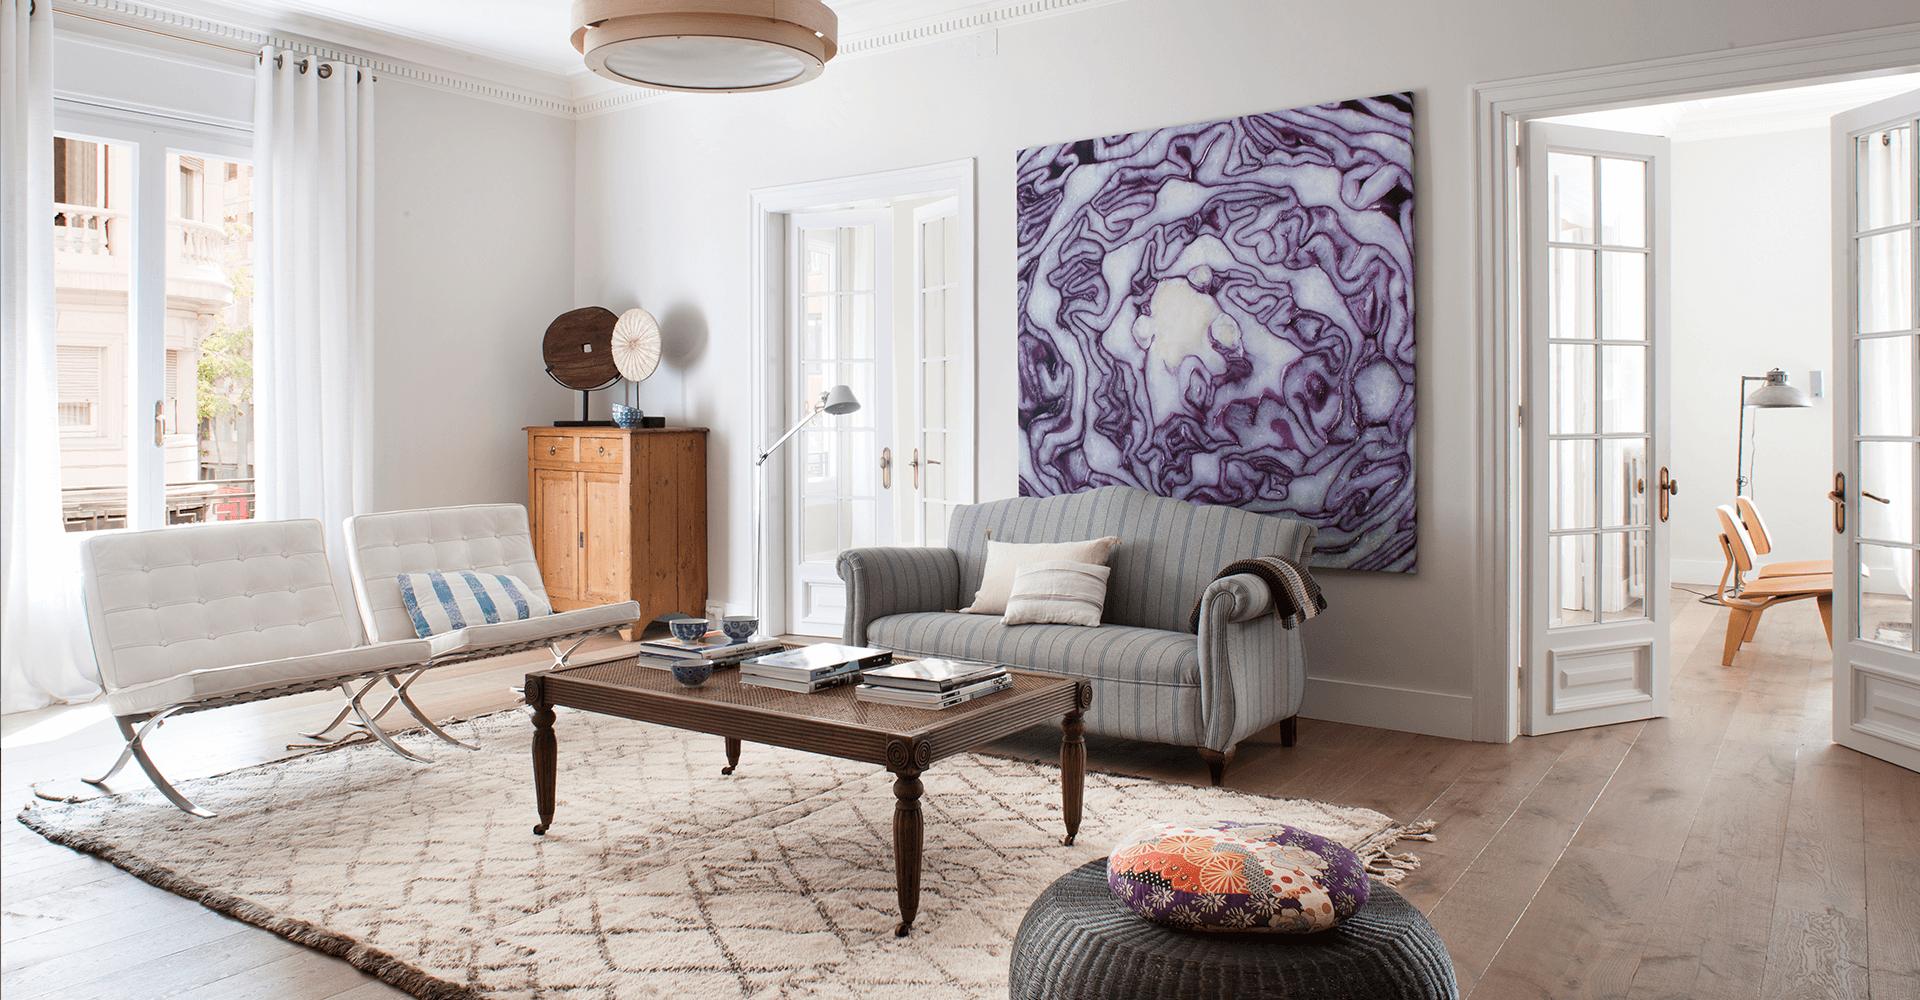 Interiorisme Decoració | The Room Studio